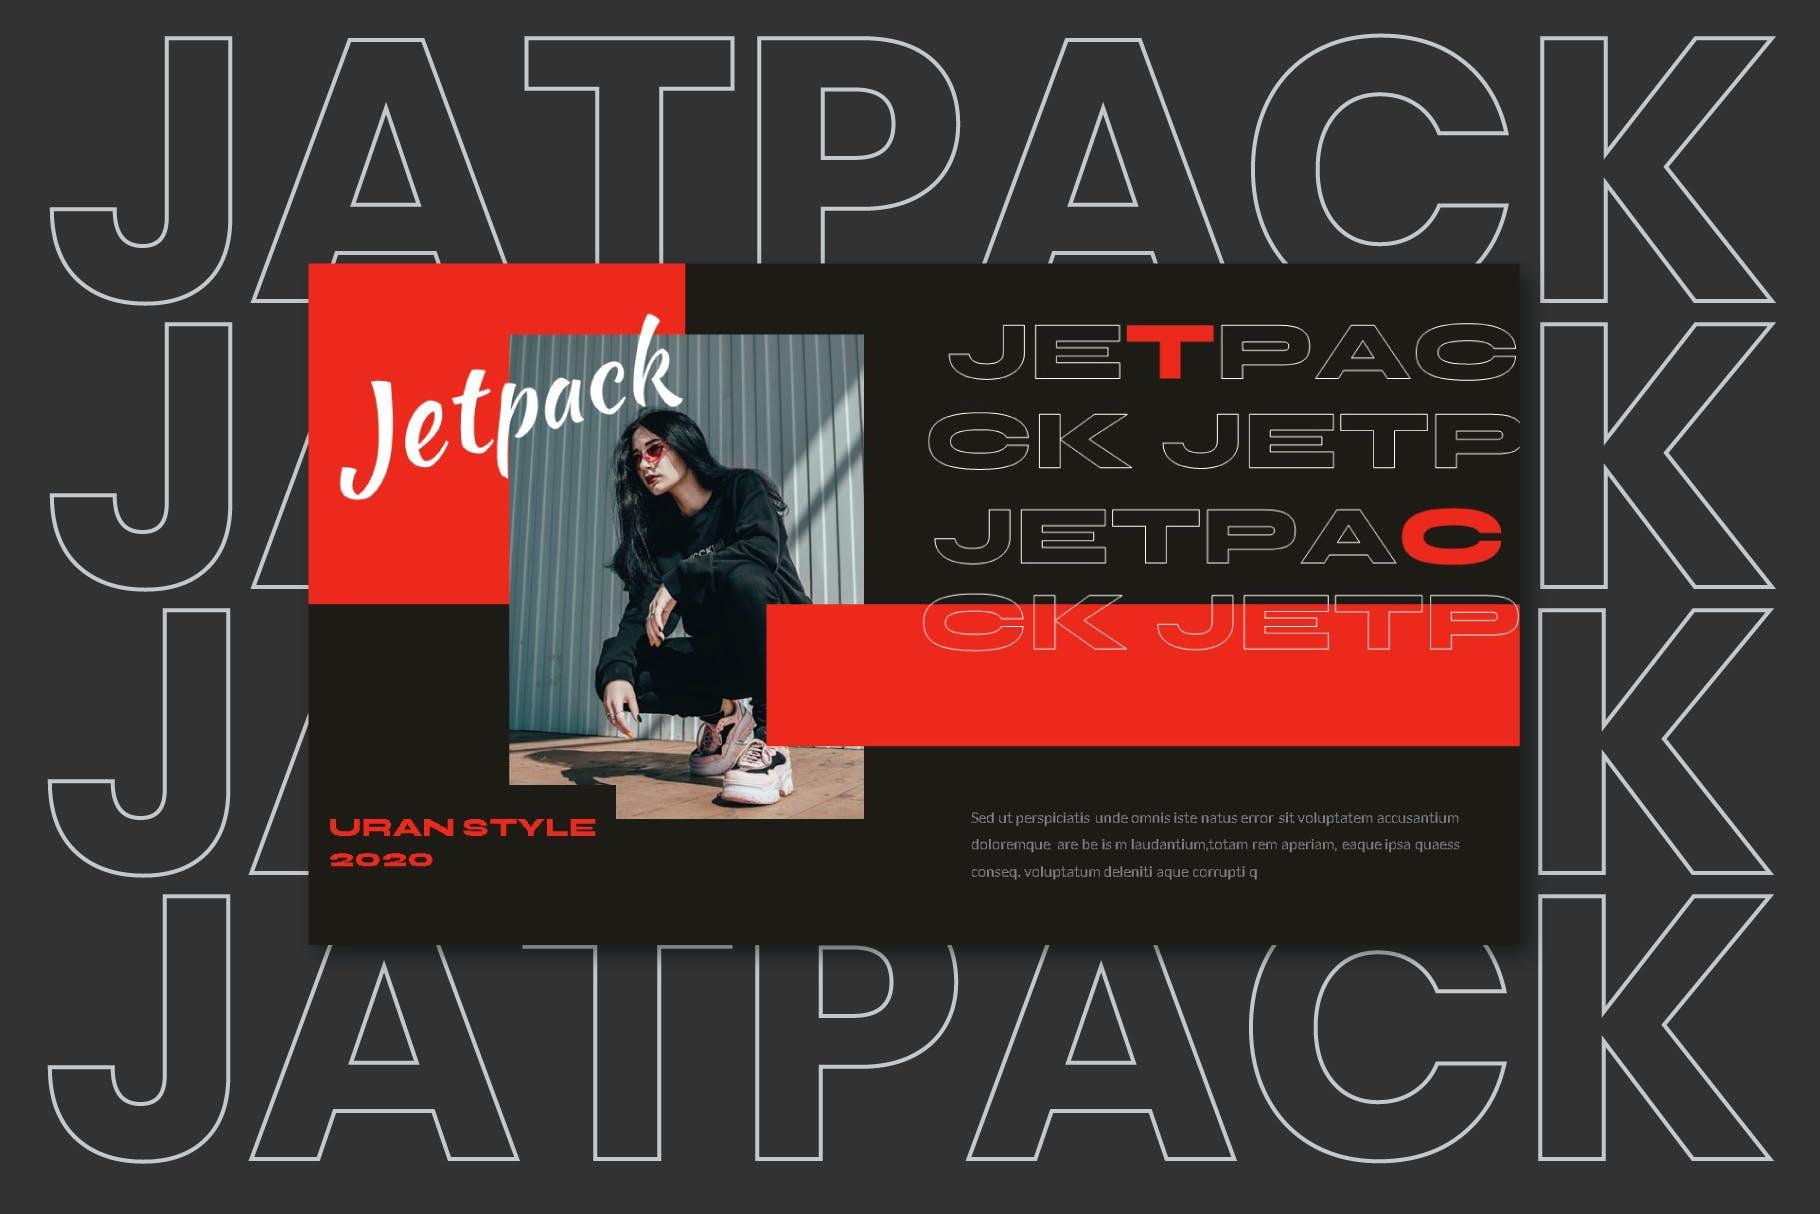 服装品牌红色主题推广PPT幻灯片模板素材 Jetpack – Powerpoint Template设计素材模板